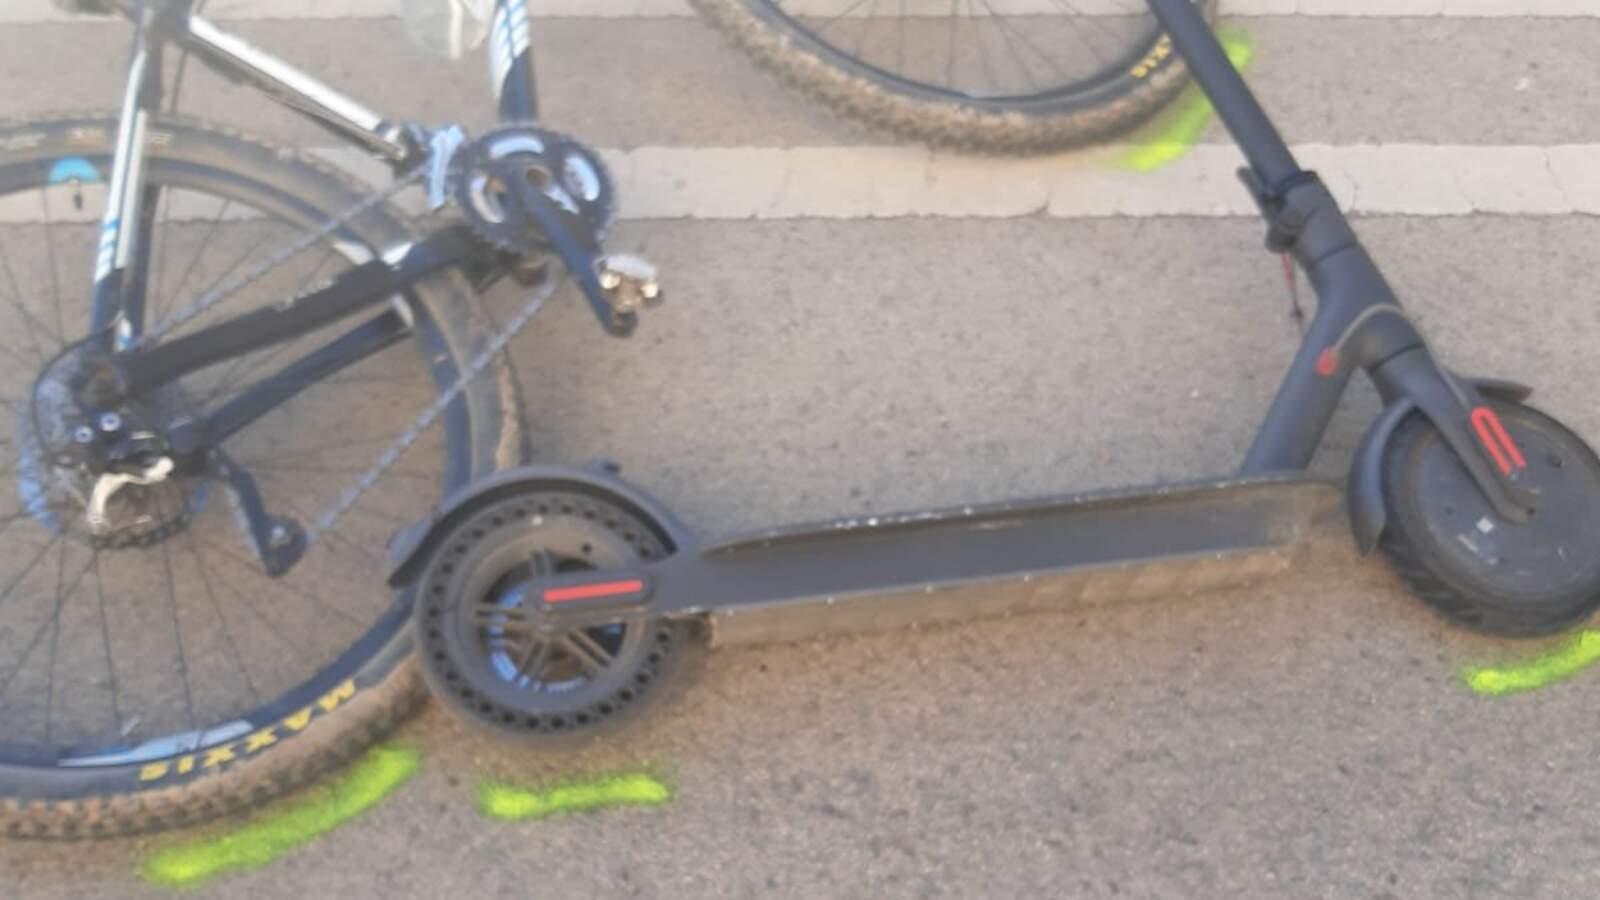 El patinet i la bicicleta implicats en l'accident